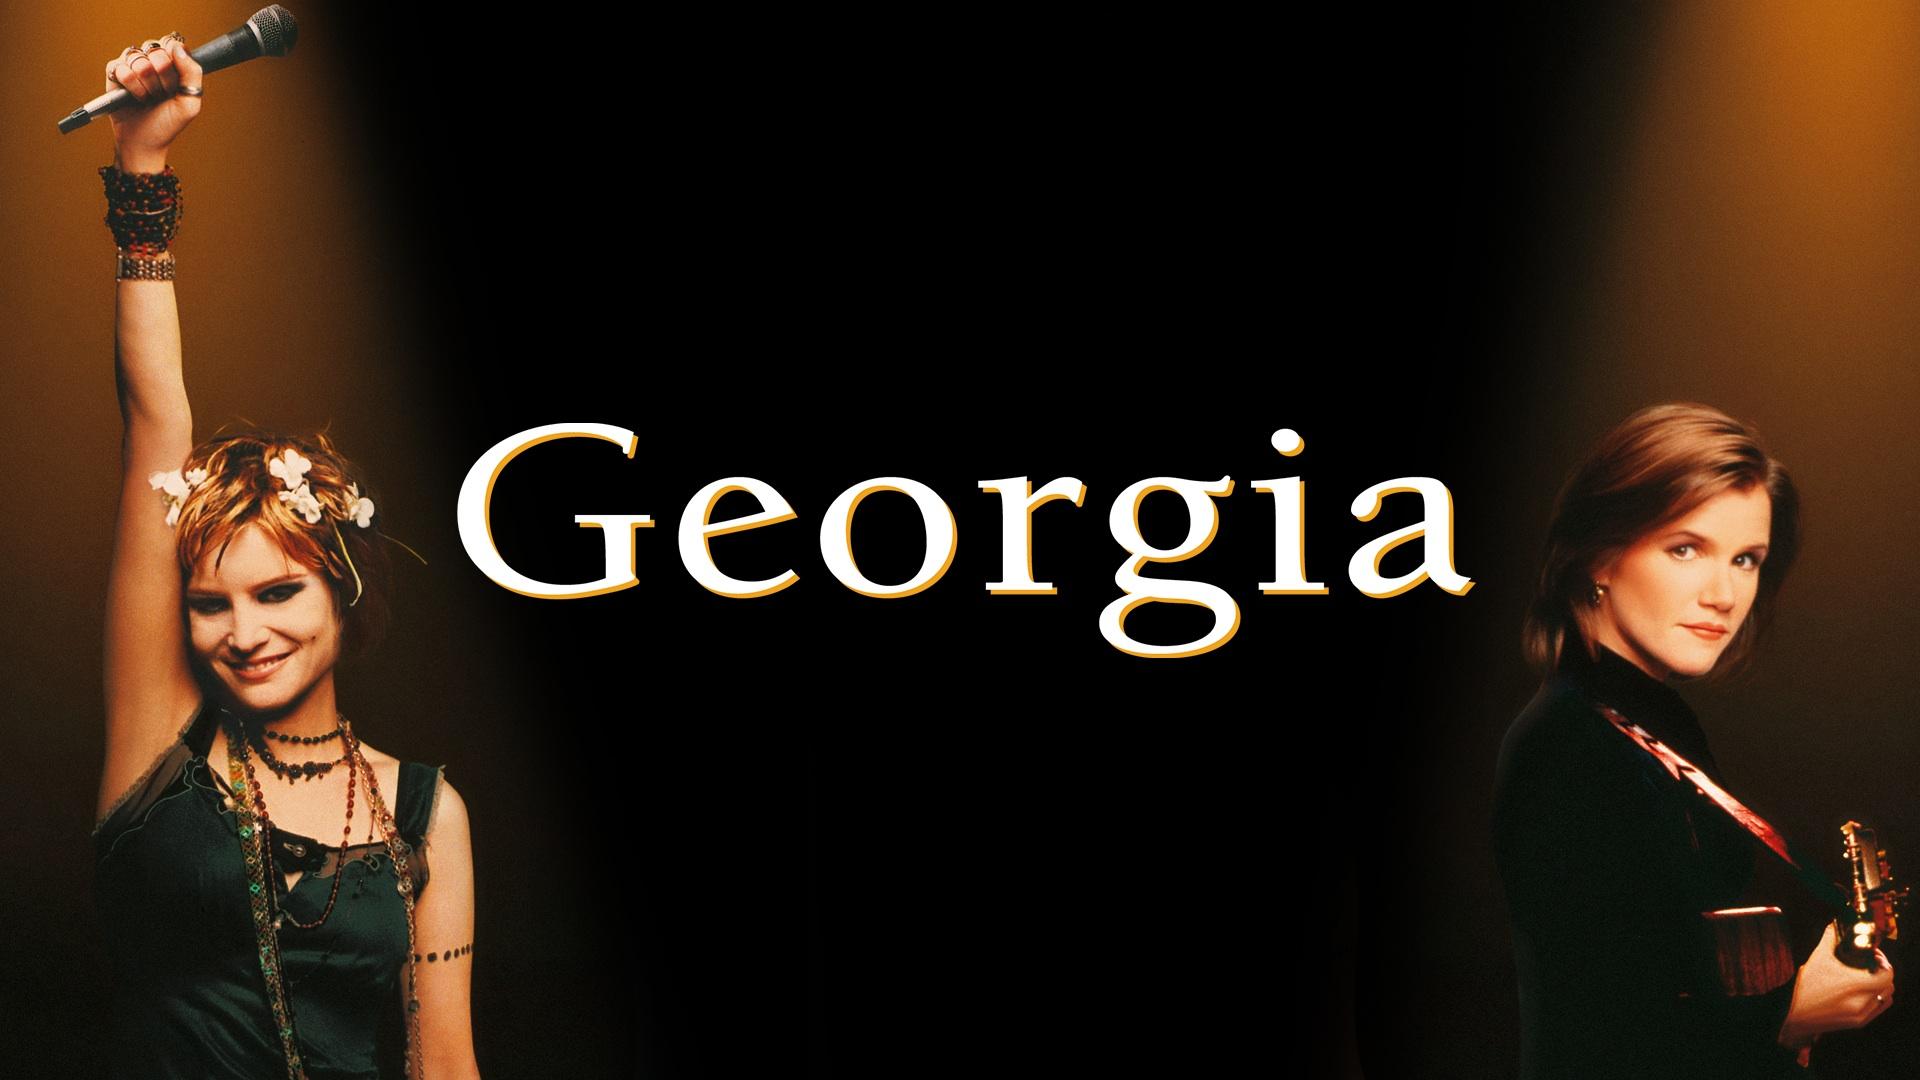 Georgia - Official Trailer (HD)